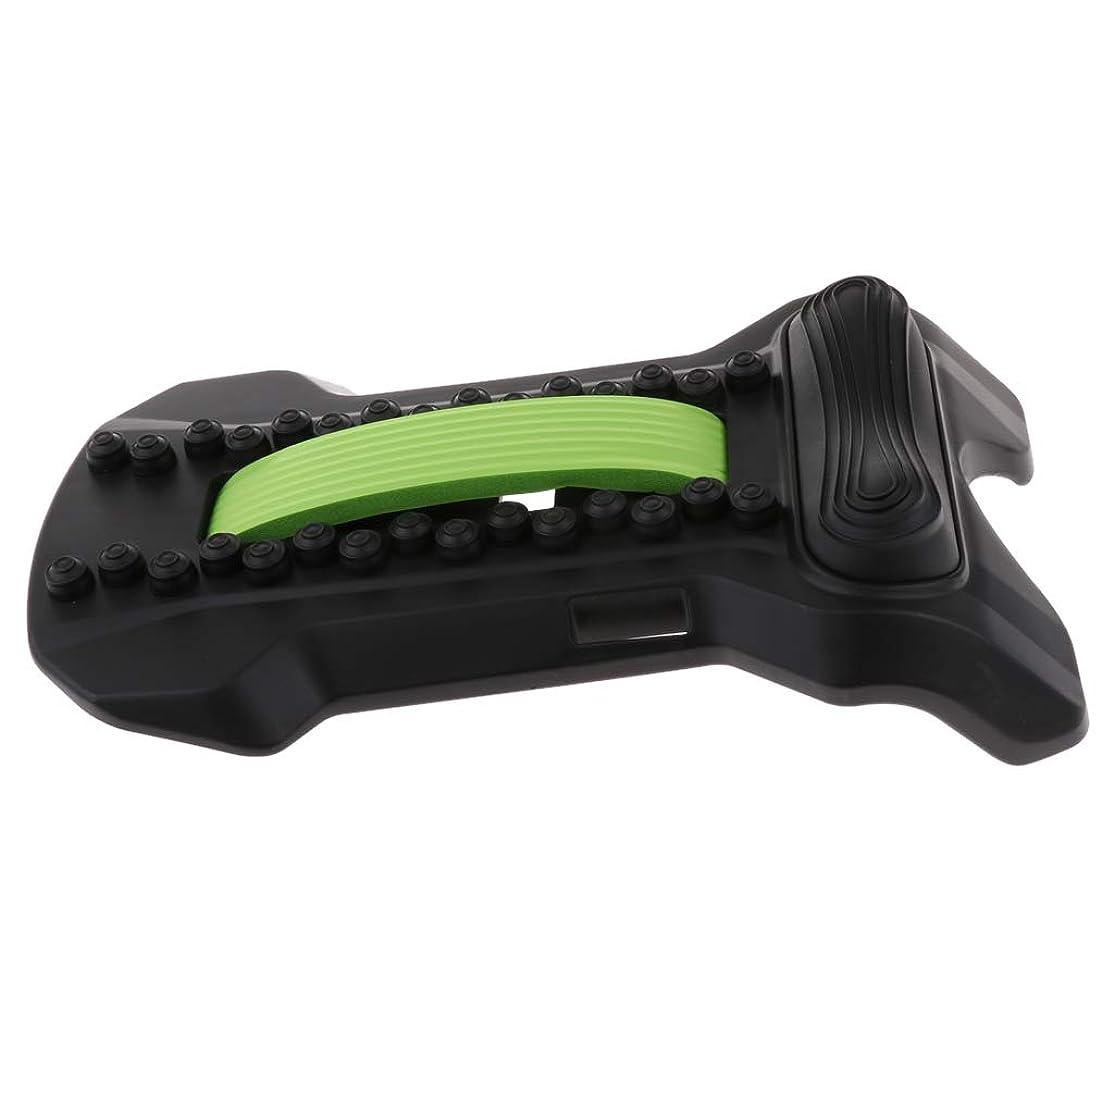 一緒に識字ショップFLAMEER バックストレッチャー 腰椎 頸椎 腰痛 肩こり 解消 ツボ押し ストレッチ 姿勢 矯正 軽量 全5色 - ブラックグリーン, 22×37×8cm